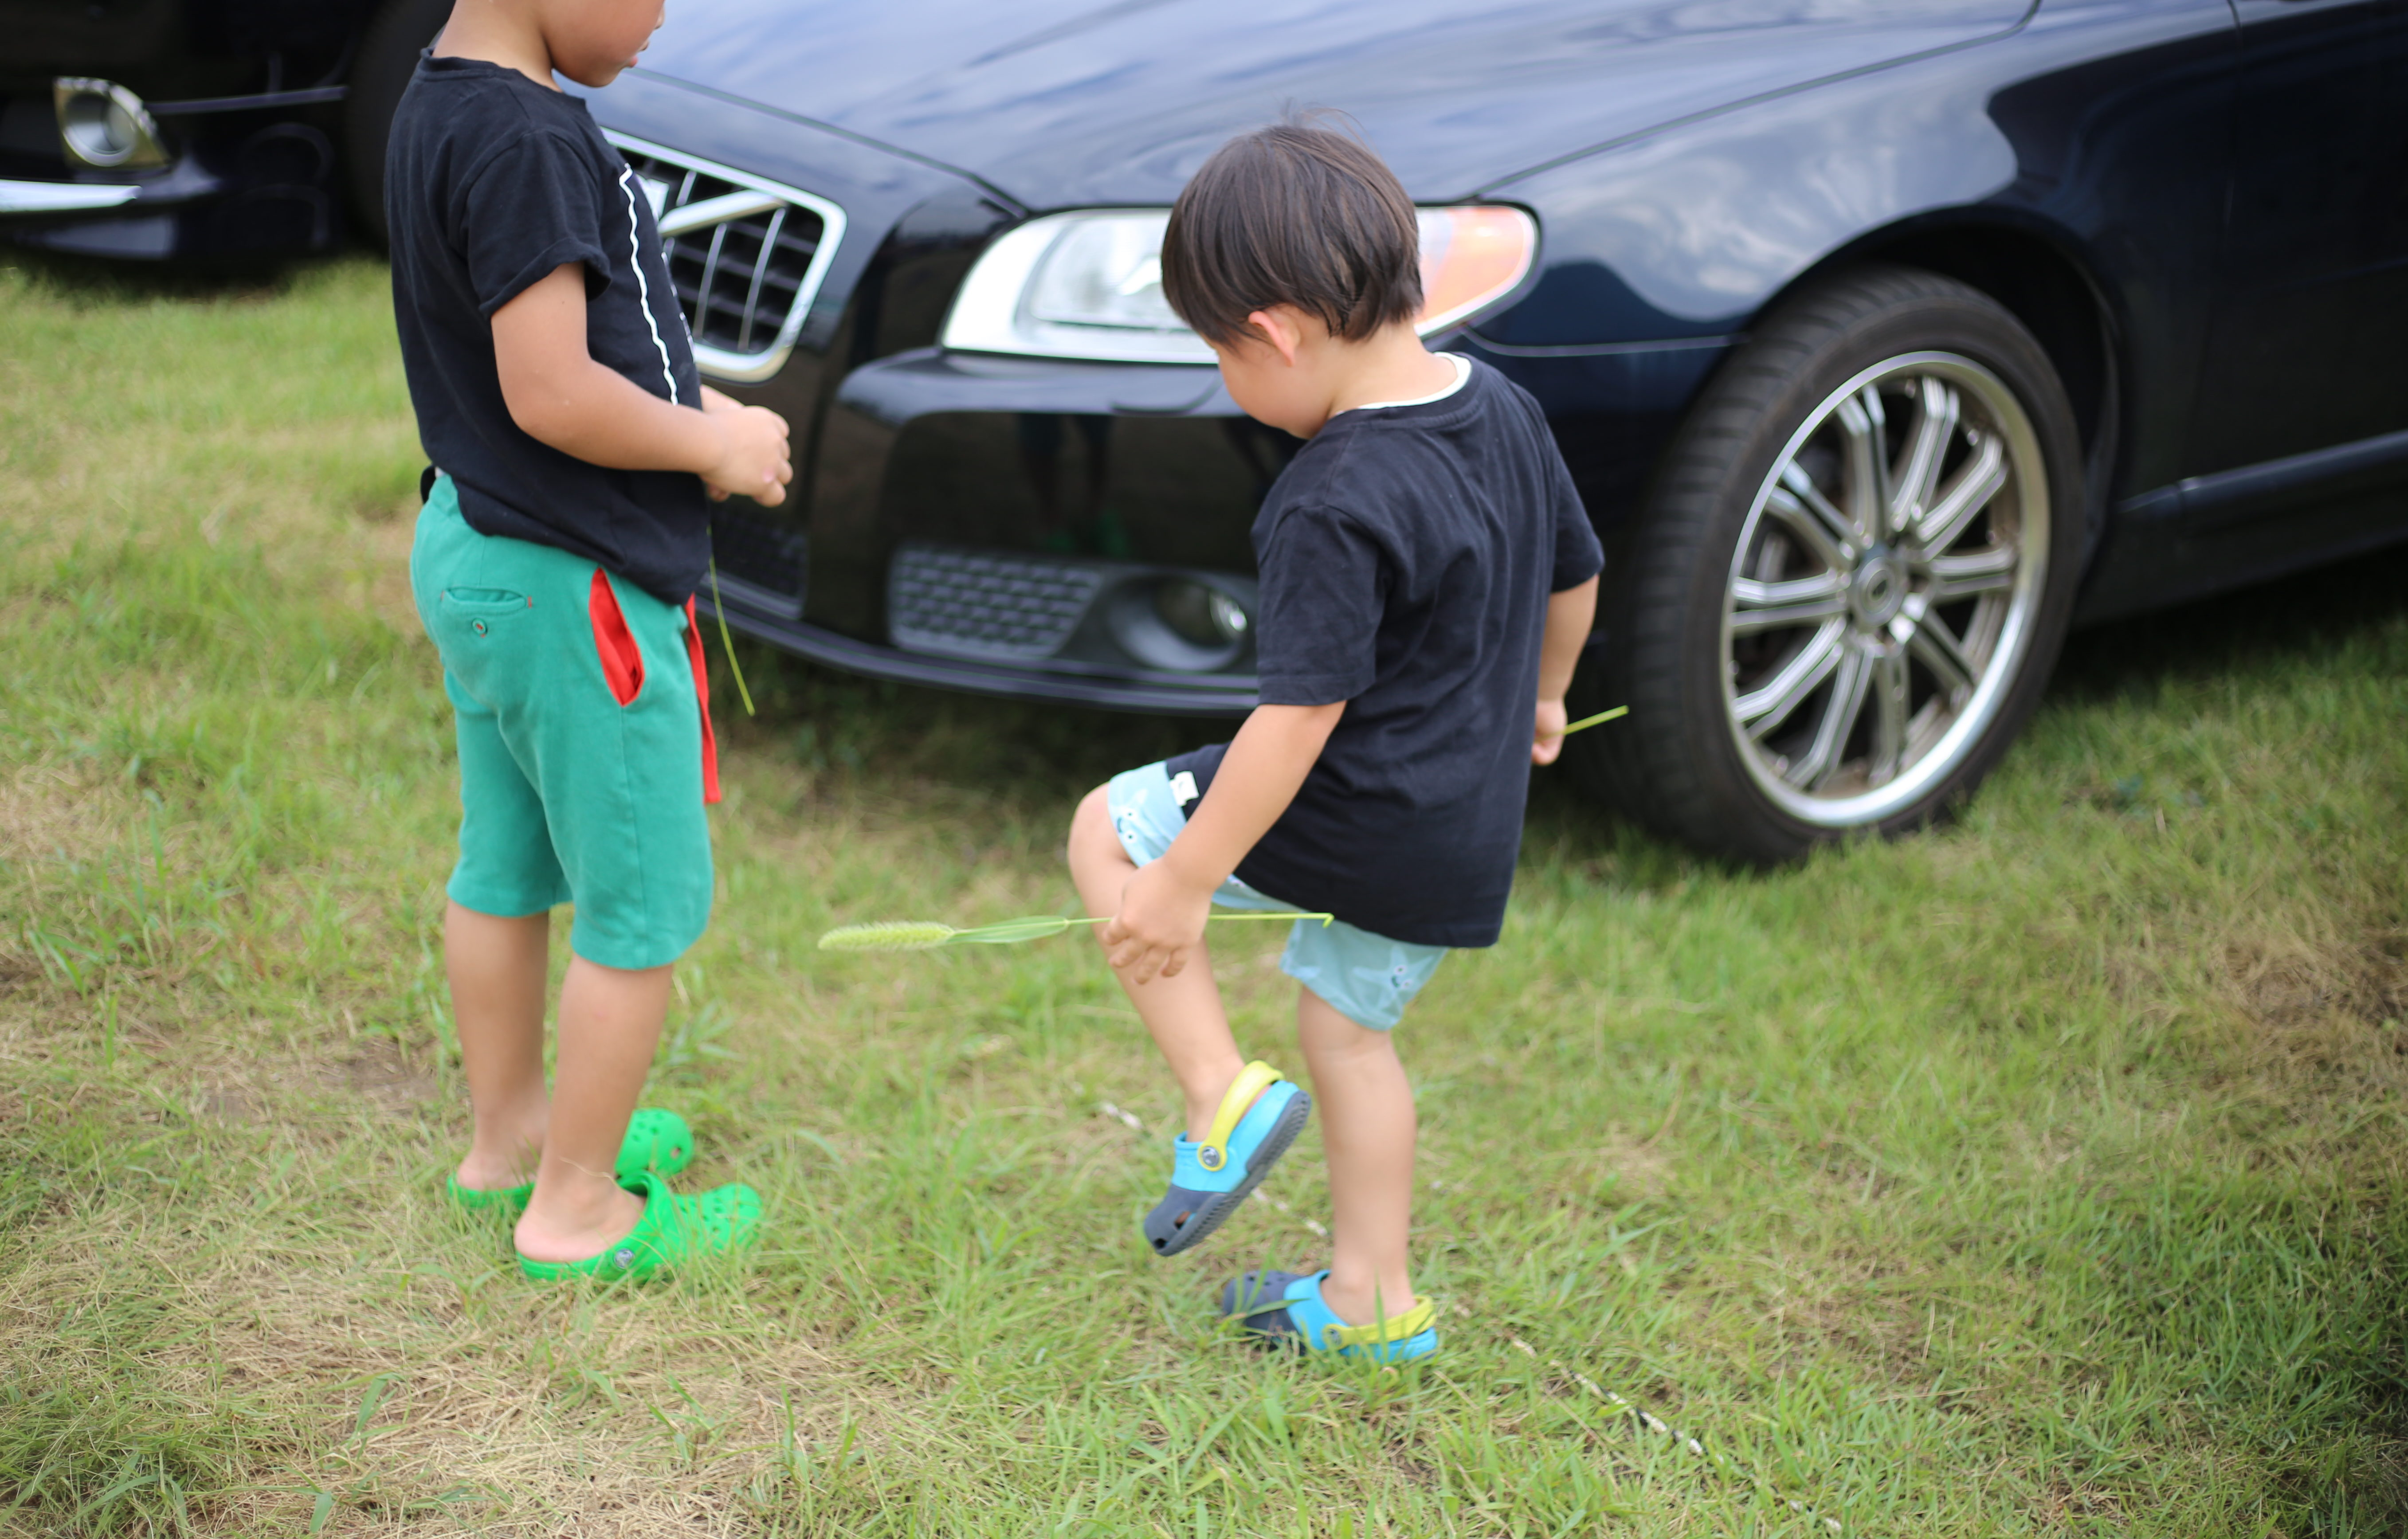 男の子たちはアブナイのか。いま、息子を育てる怖さ。しかもふたり。